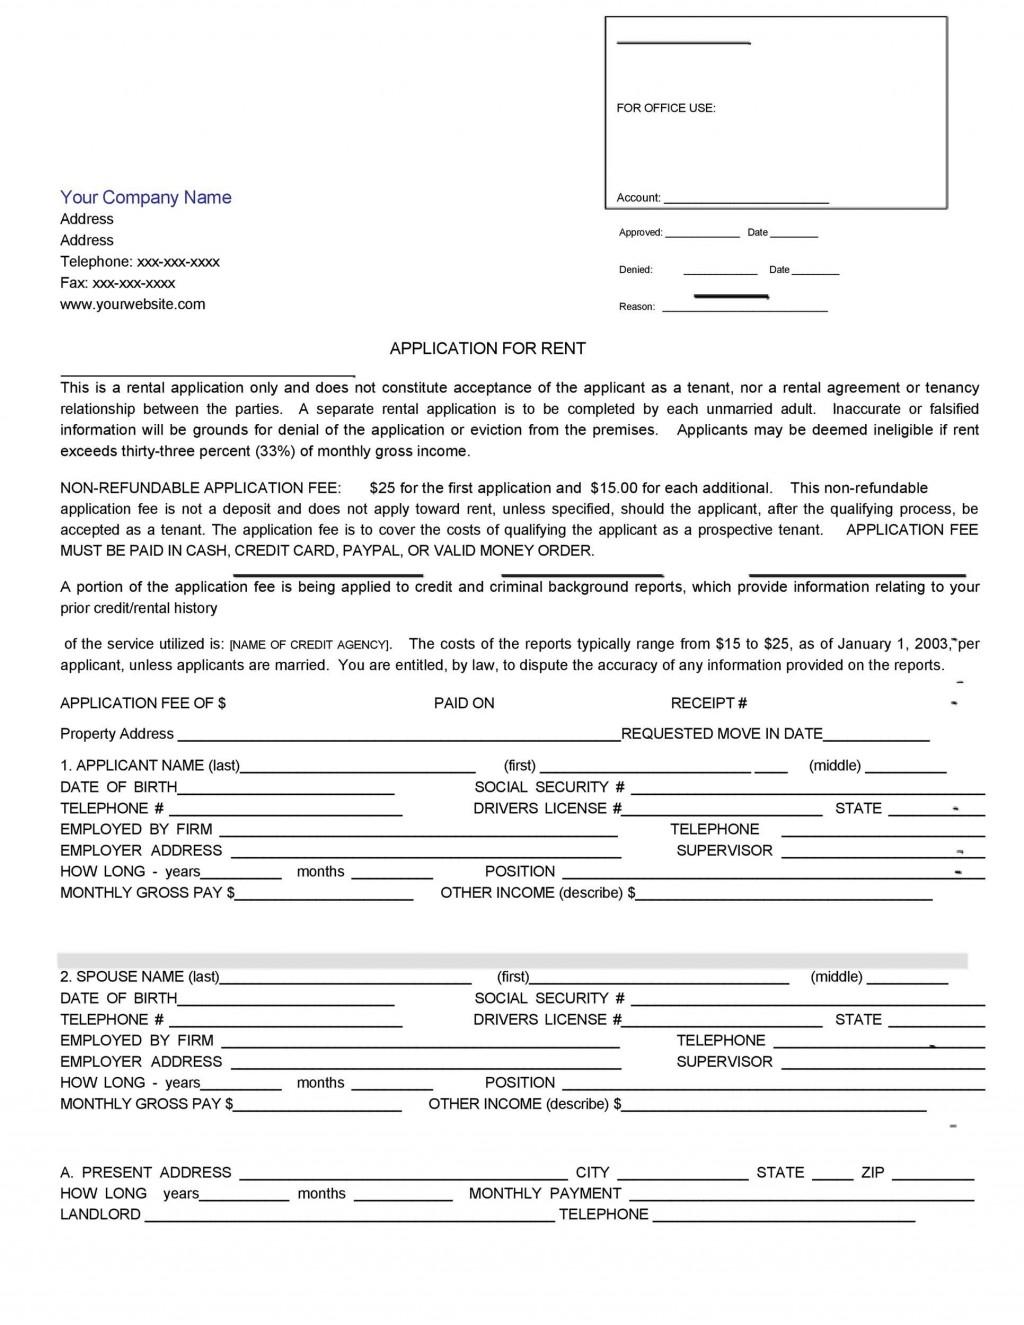 004 Surprising Free Rental Application Template Design  Form Oregon Credit OnlineLarge